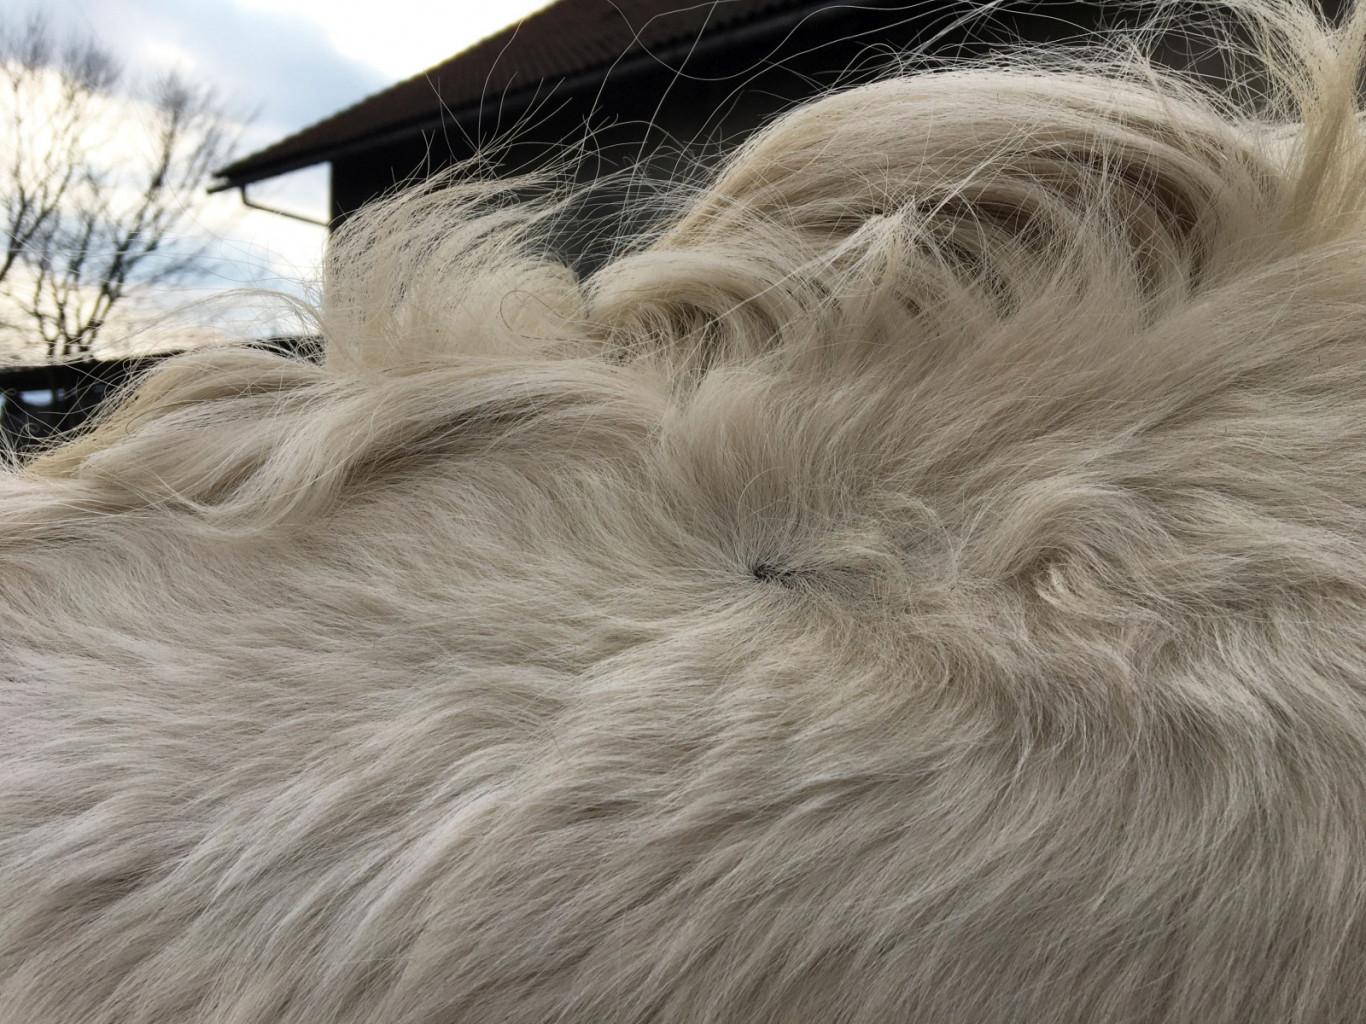 Če se vrtinec na vratu pojavlja na obeh straneh simetrično, bo konju mnogo lažje uravnoteženo gibanje. (Foto: PXHere)<br>